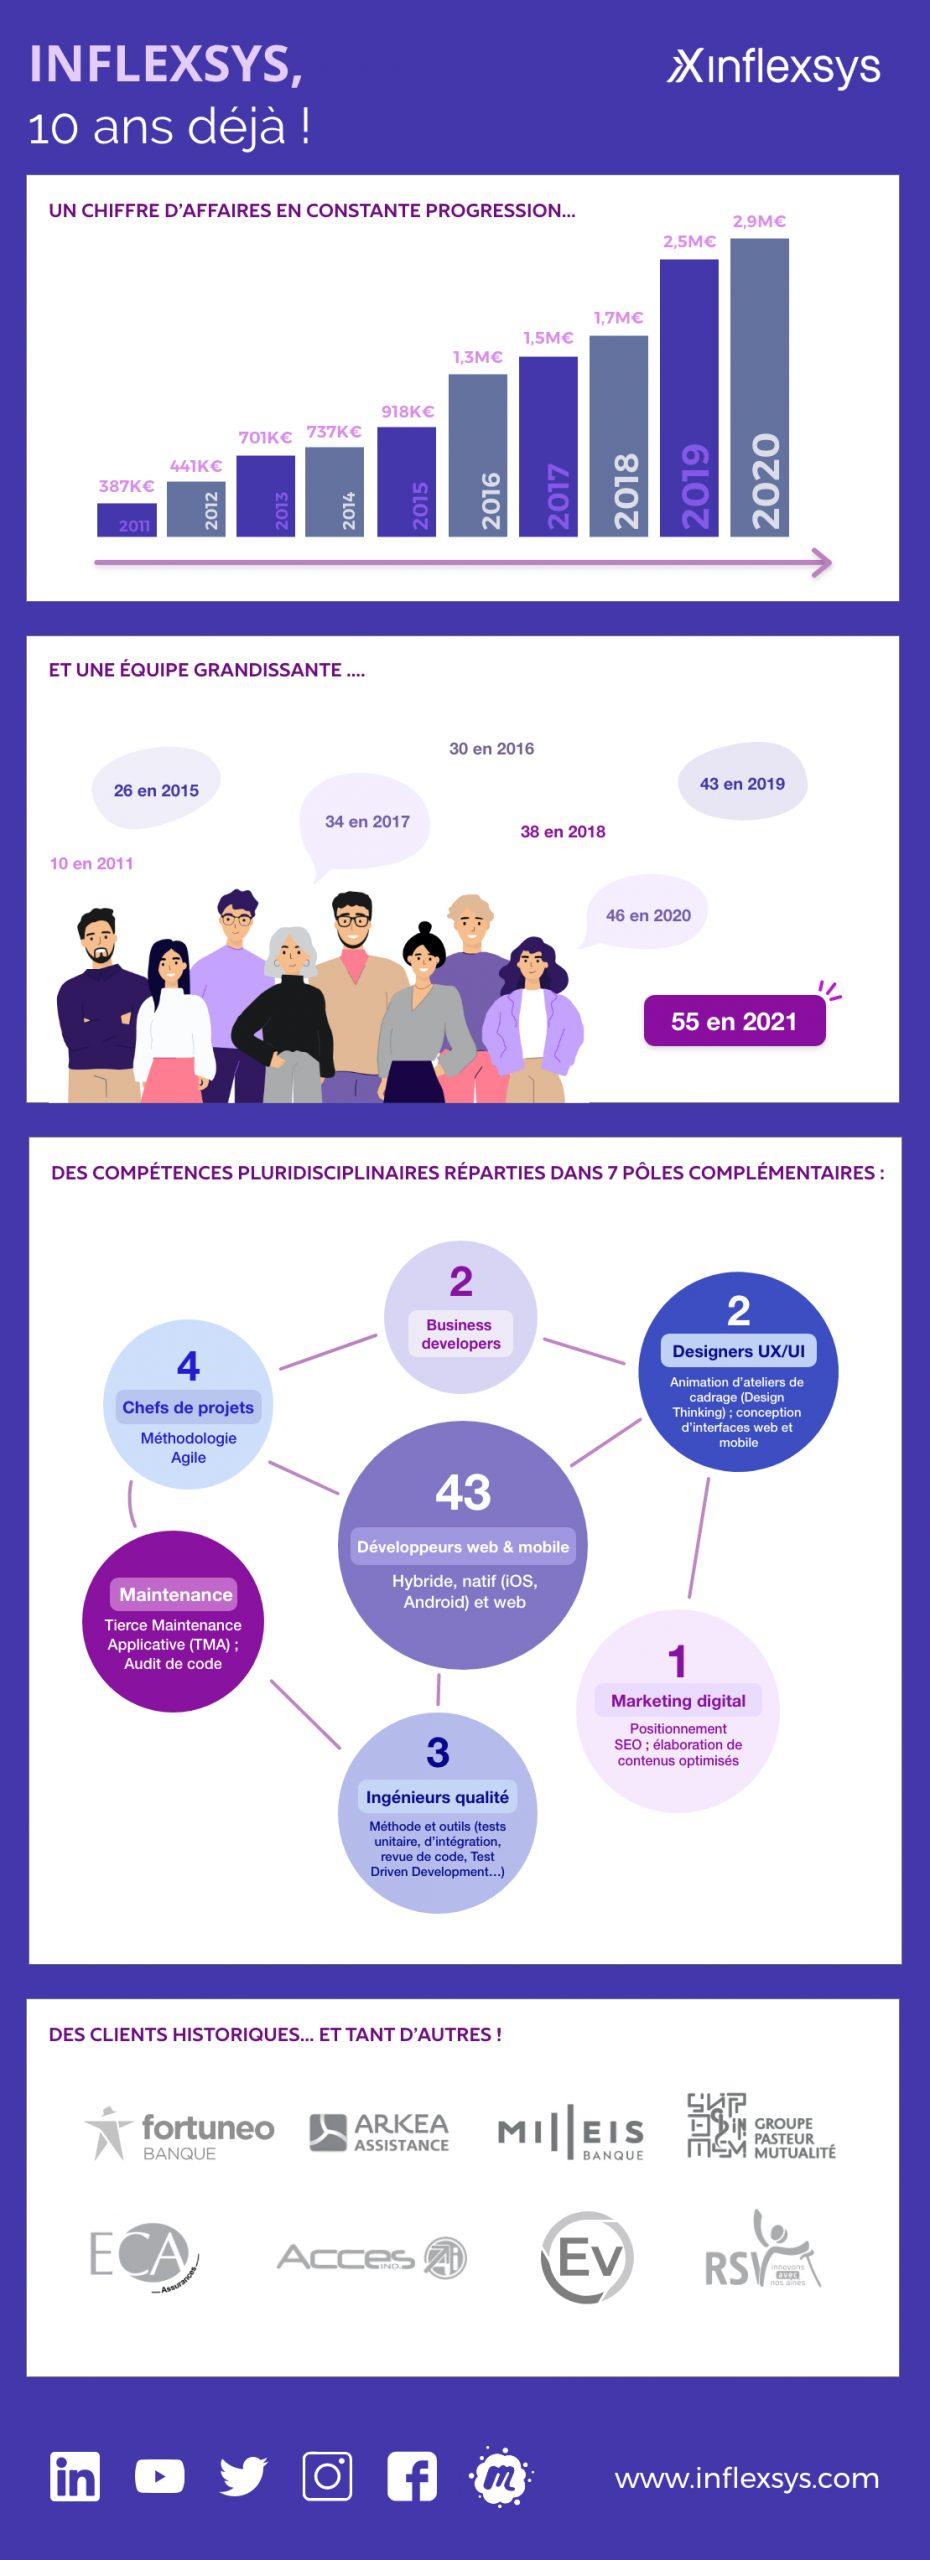 InfleXsys, l'histoire d'une success story qui fête en 2021, ses 10 ans.